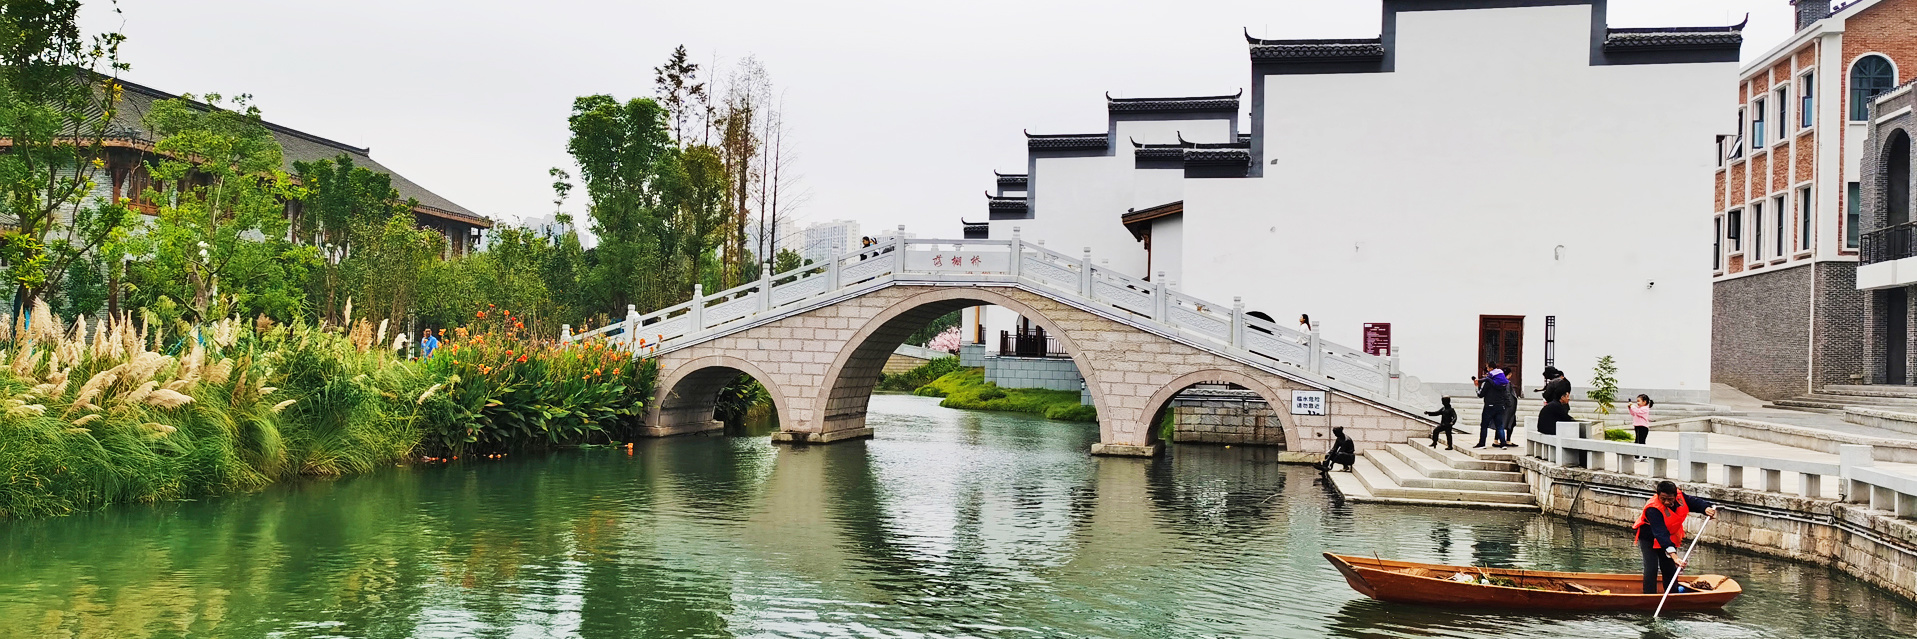 【国庆自驾游】新网红打卡地新长沙水乡——洋湖水街